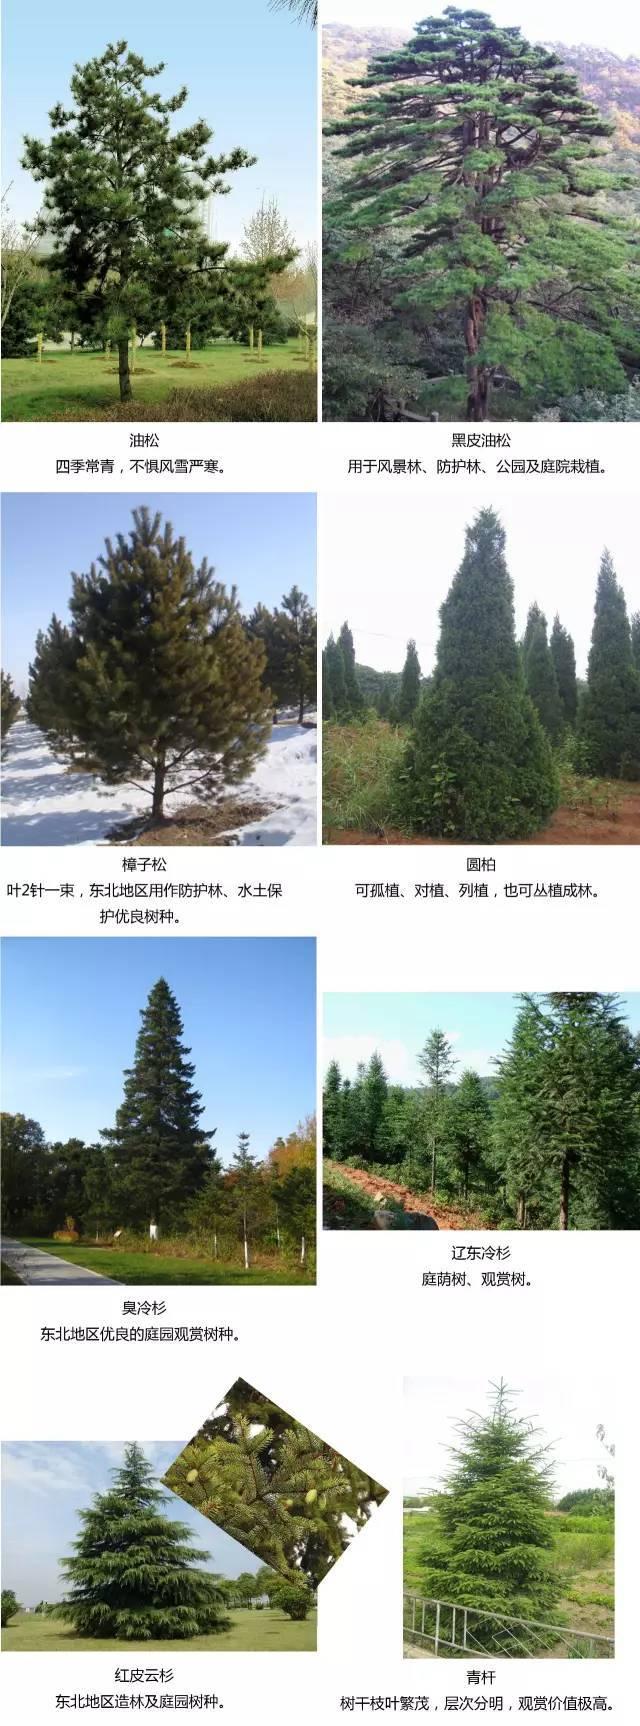 『收藏』常用东北地区植物,齐全了!